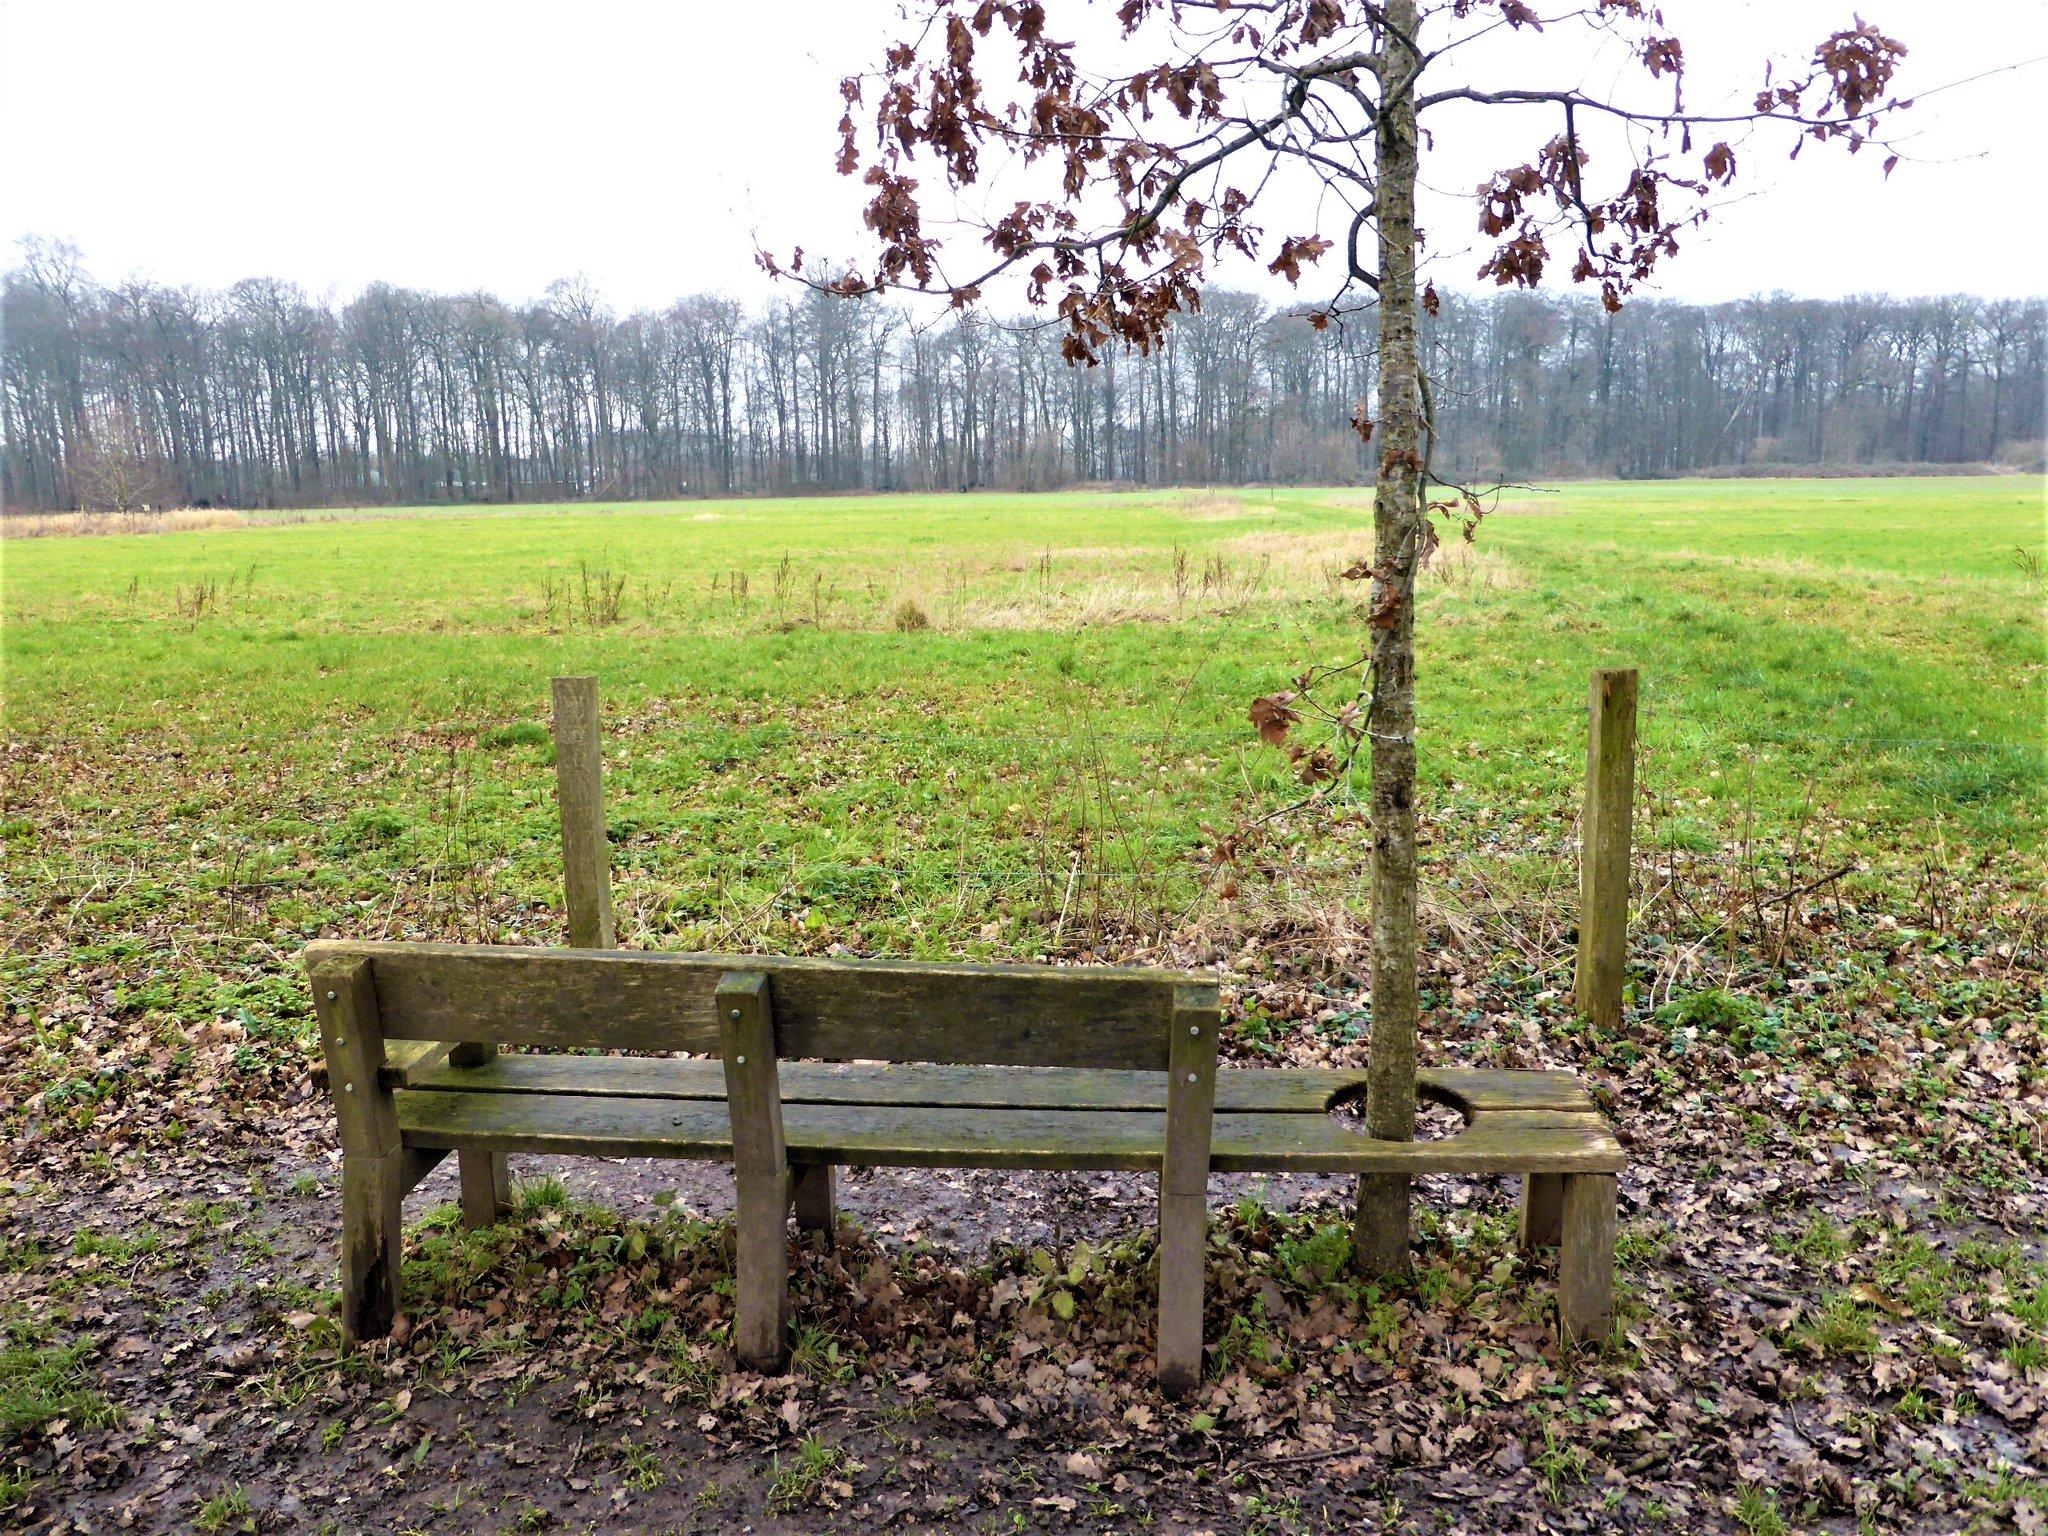 rt-willemwandelt-een-boom-zit-05-02-2021groene-wissel-bunnikwandelbankjes-wandelbankjes-driebergen-https-t-co-yeygjcxgqp